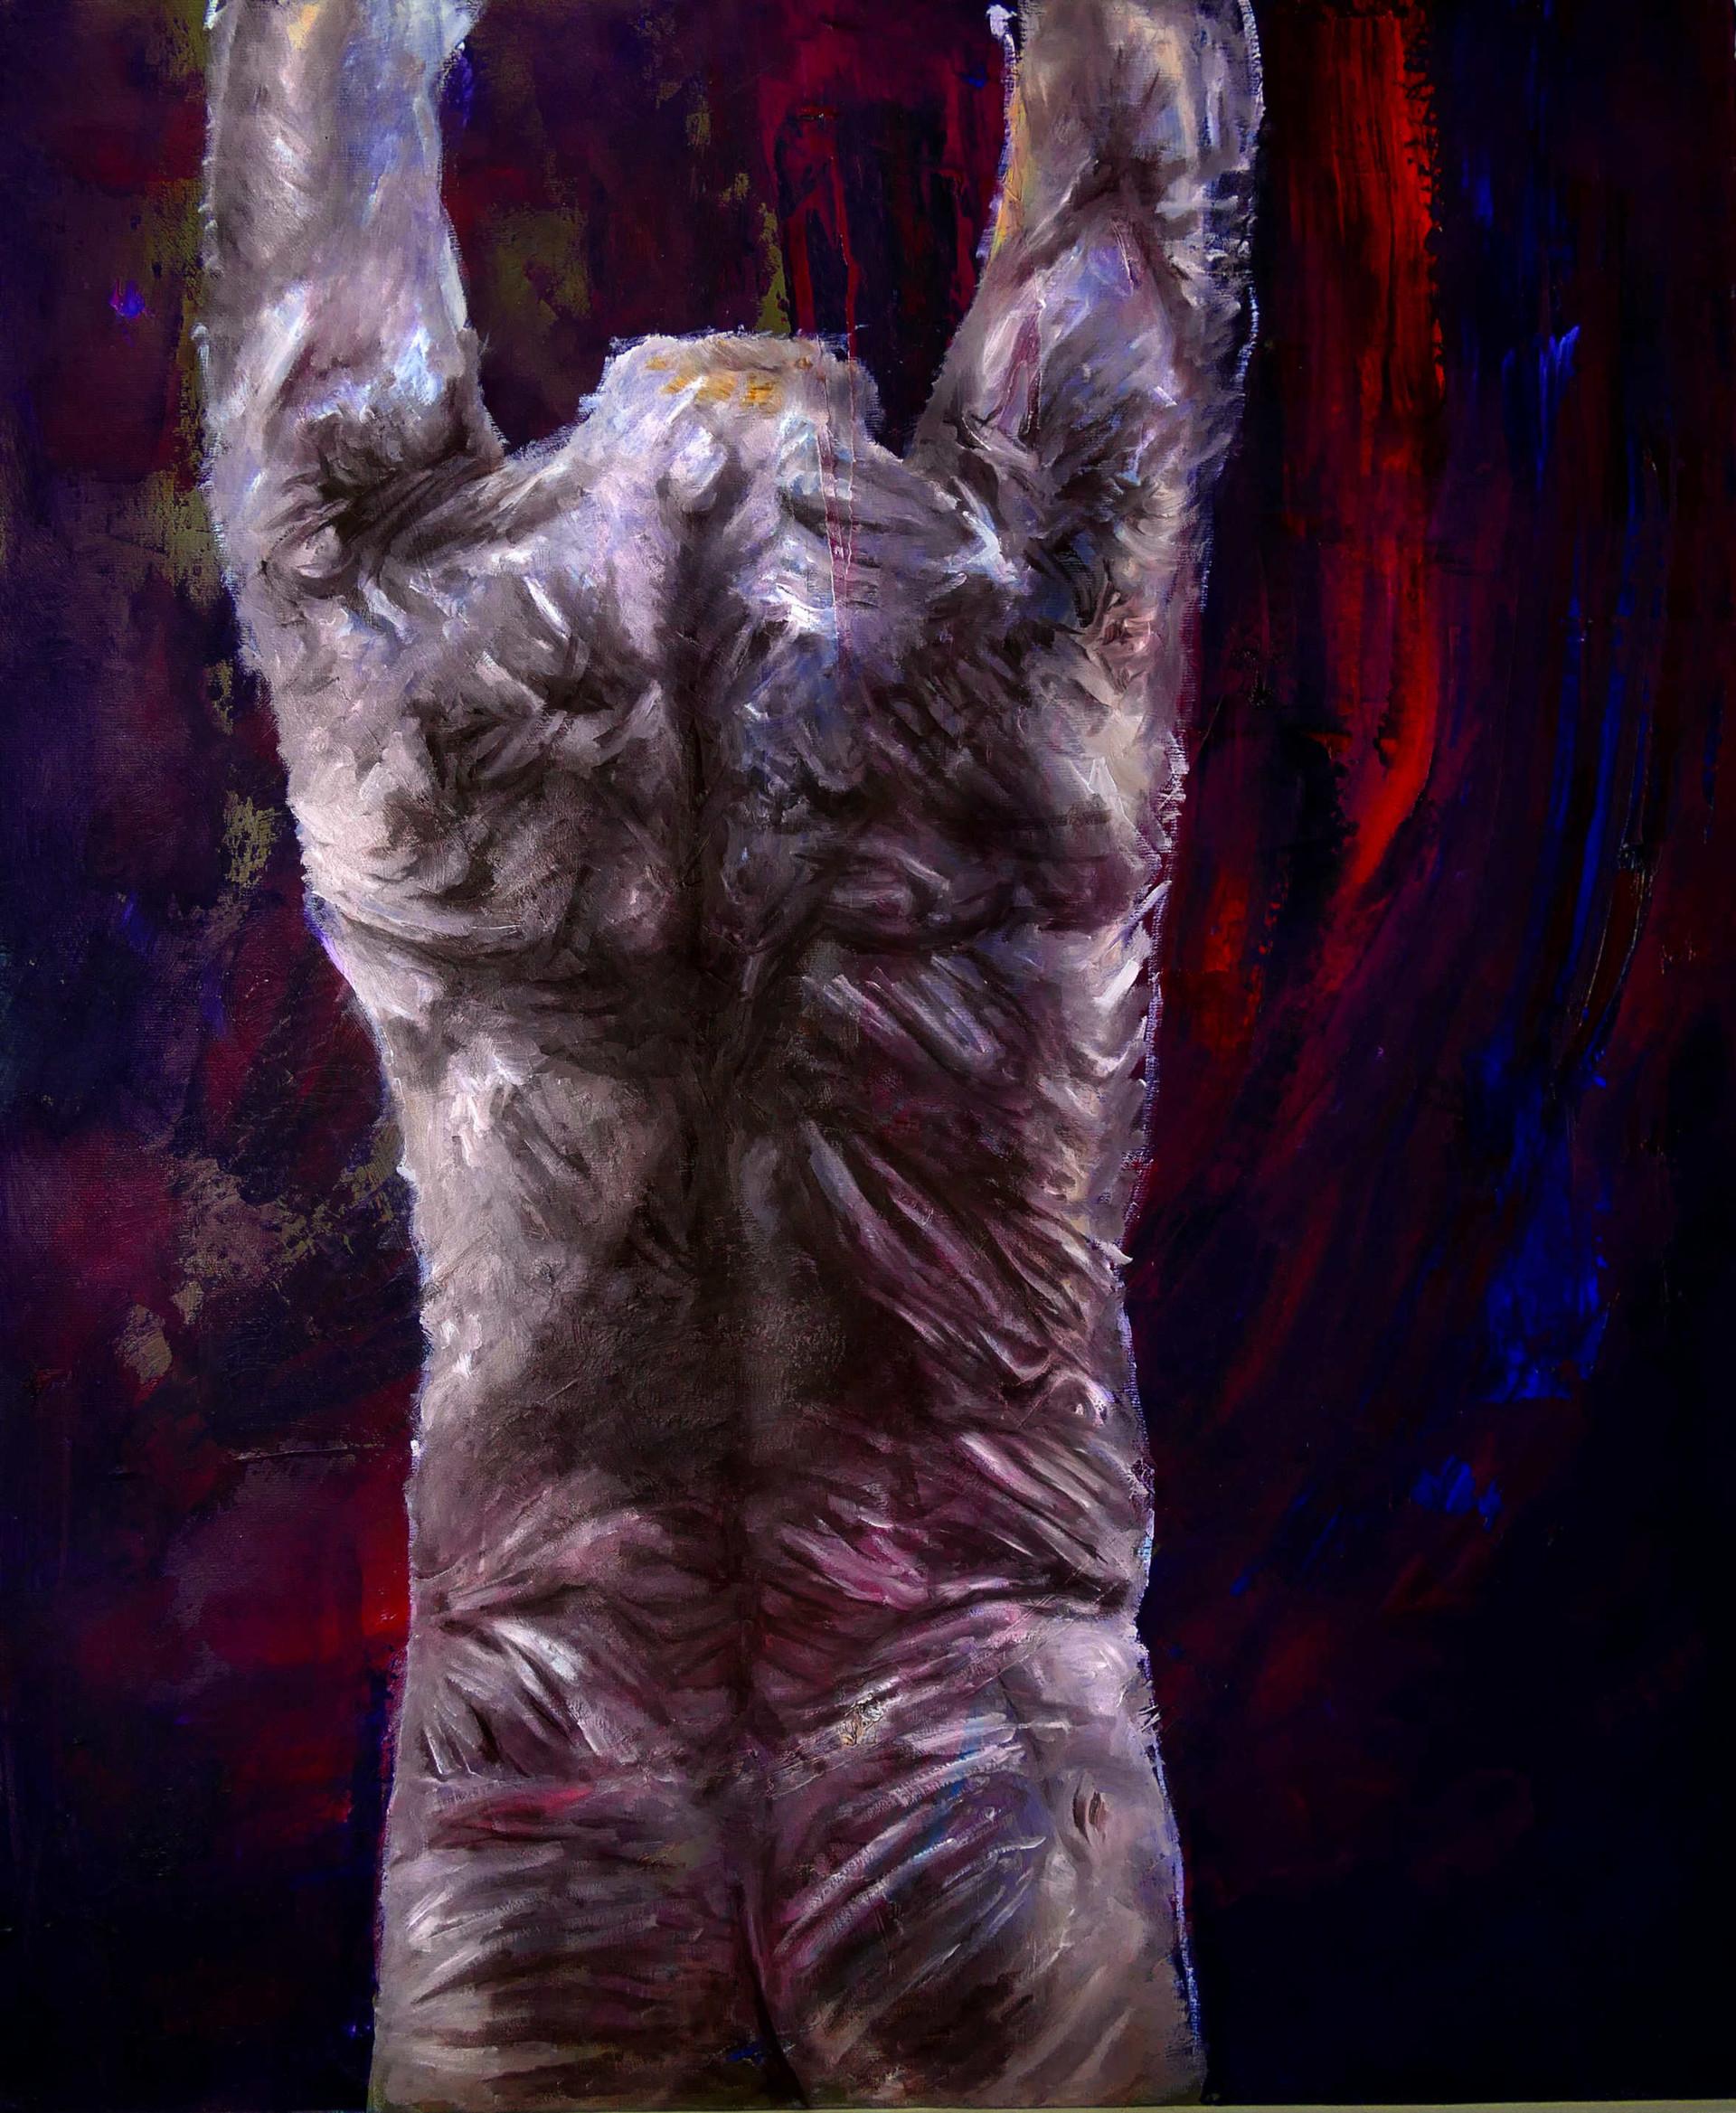 Szilard szilagyi anatomy03